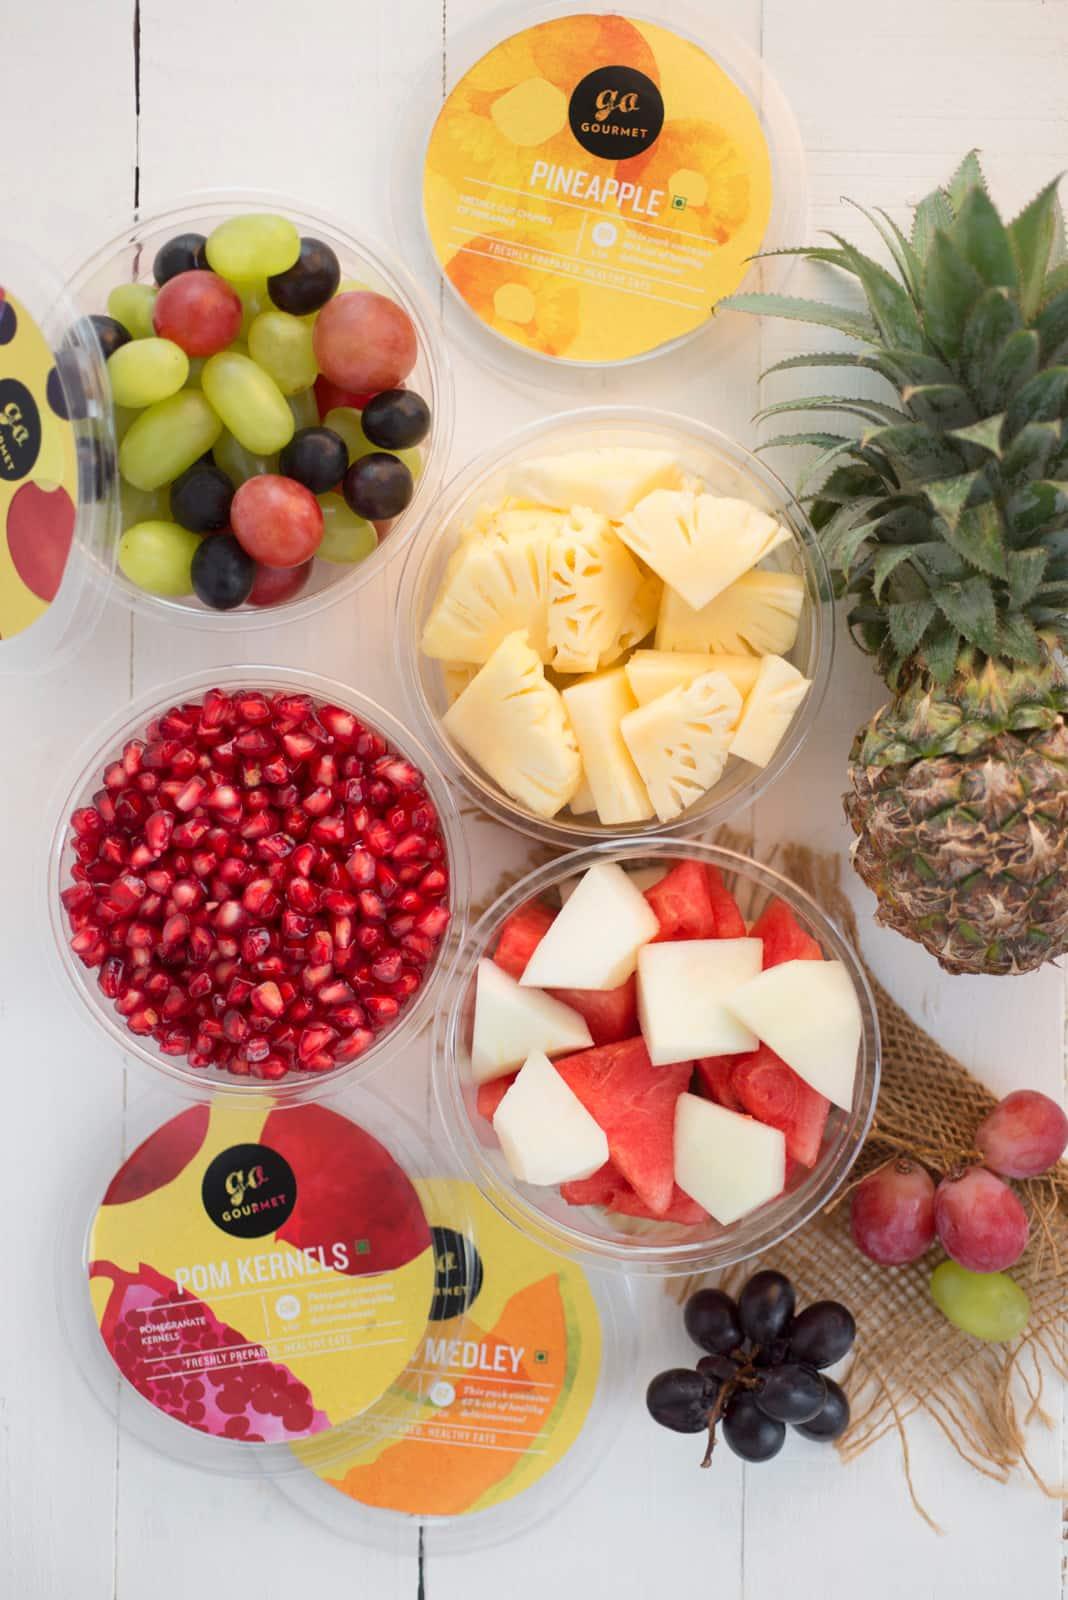 Healthy Cafes: Go Gourmet